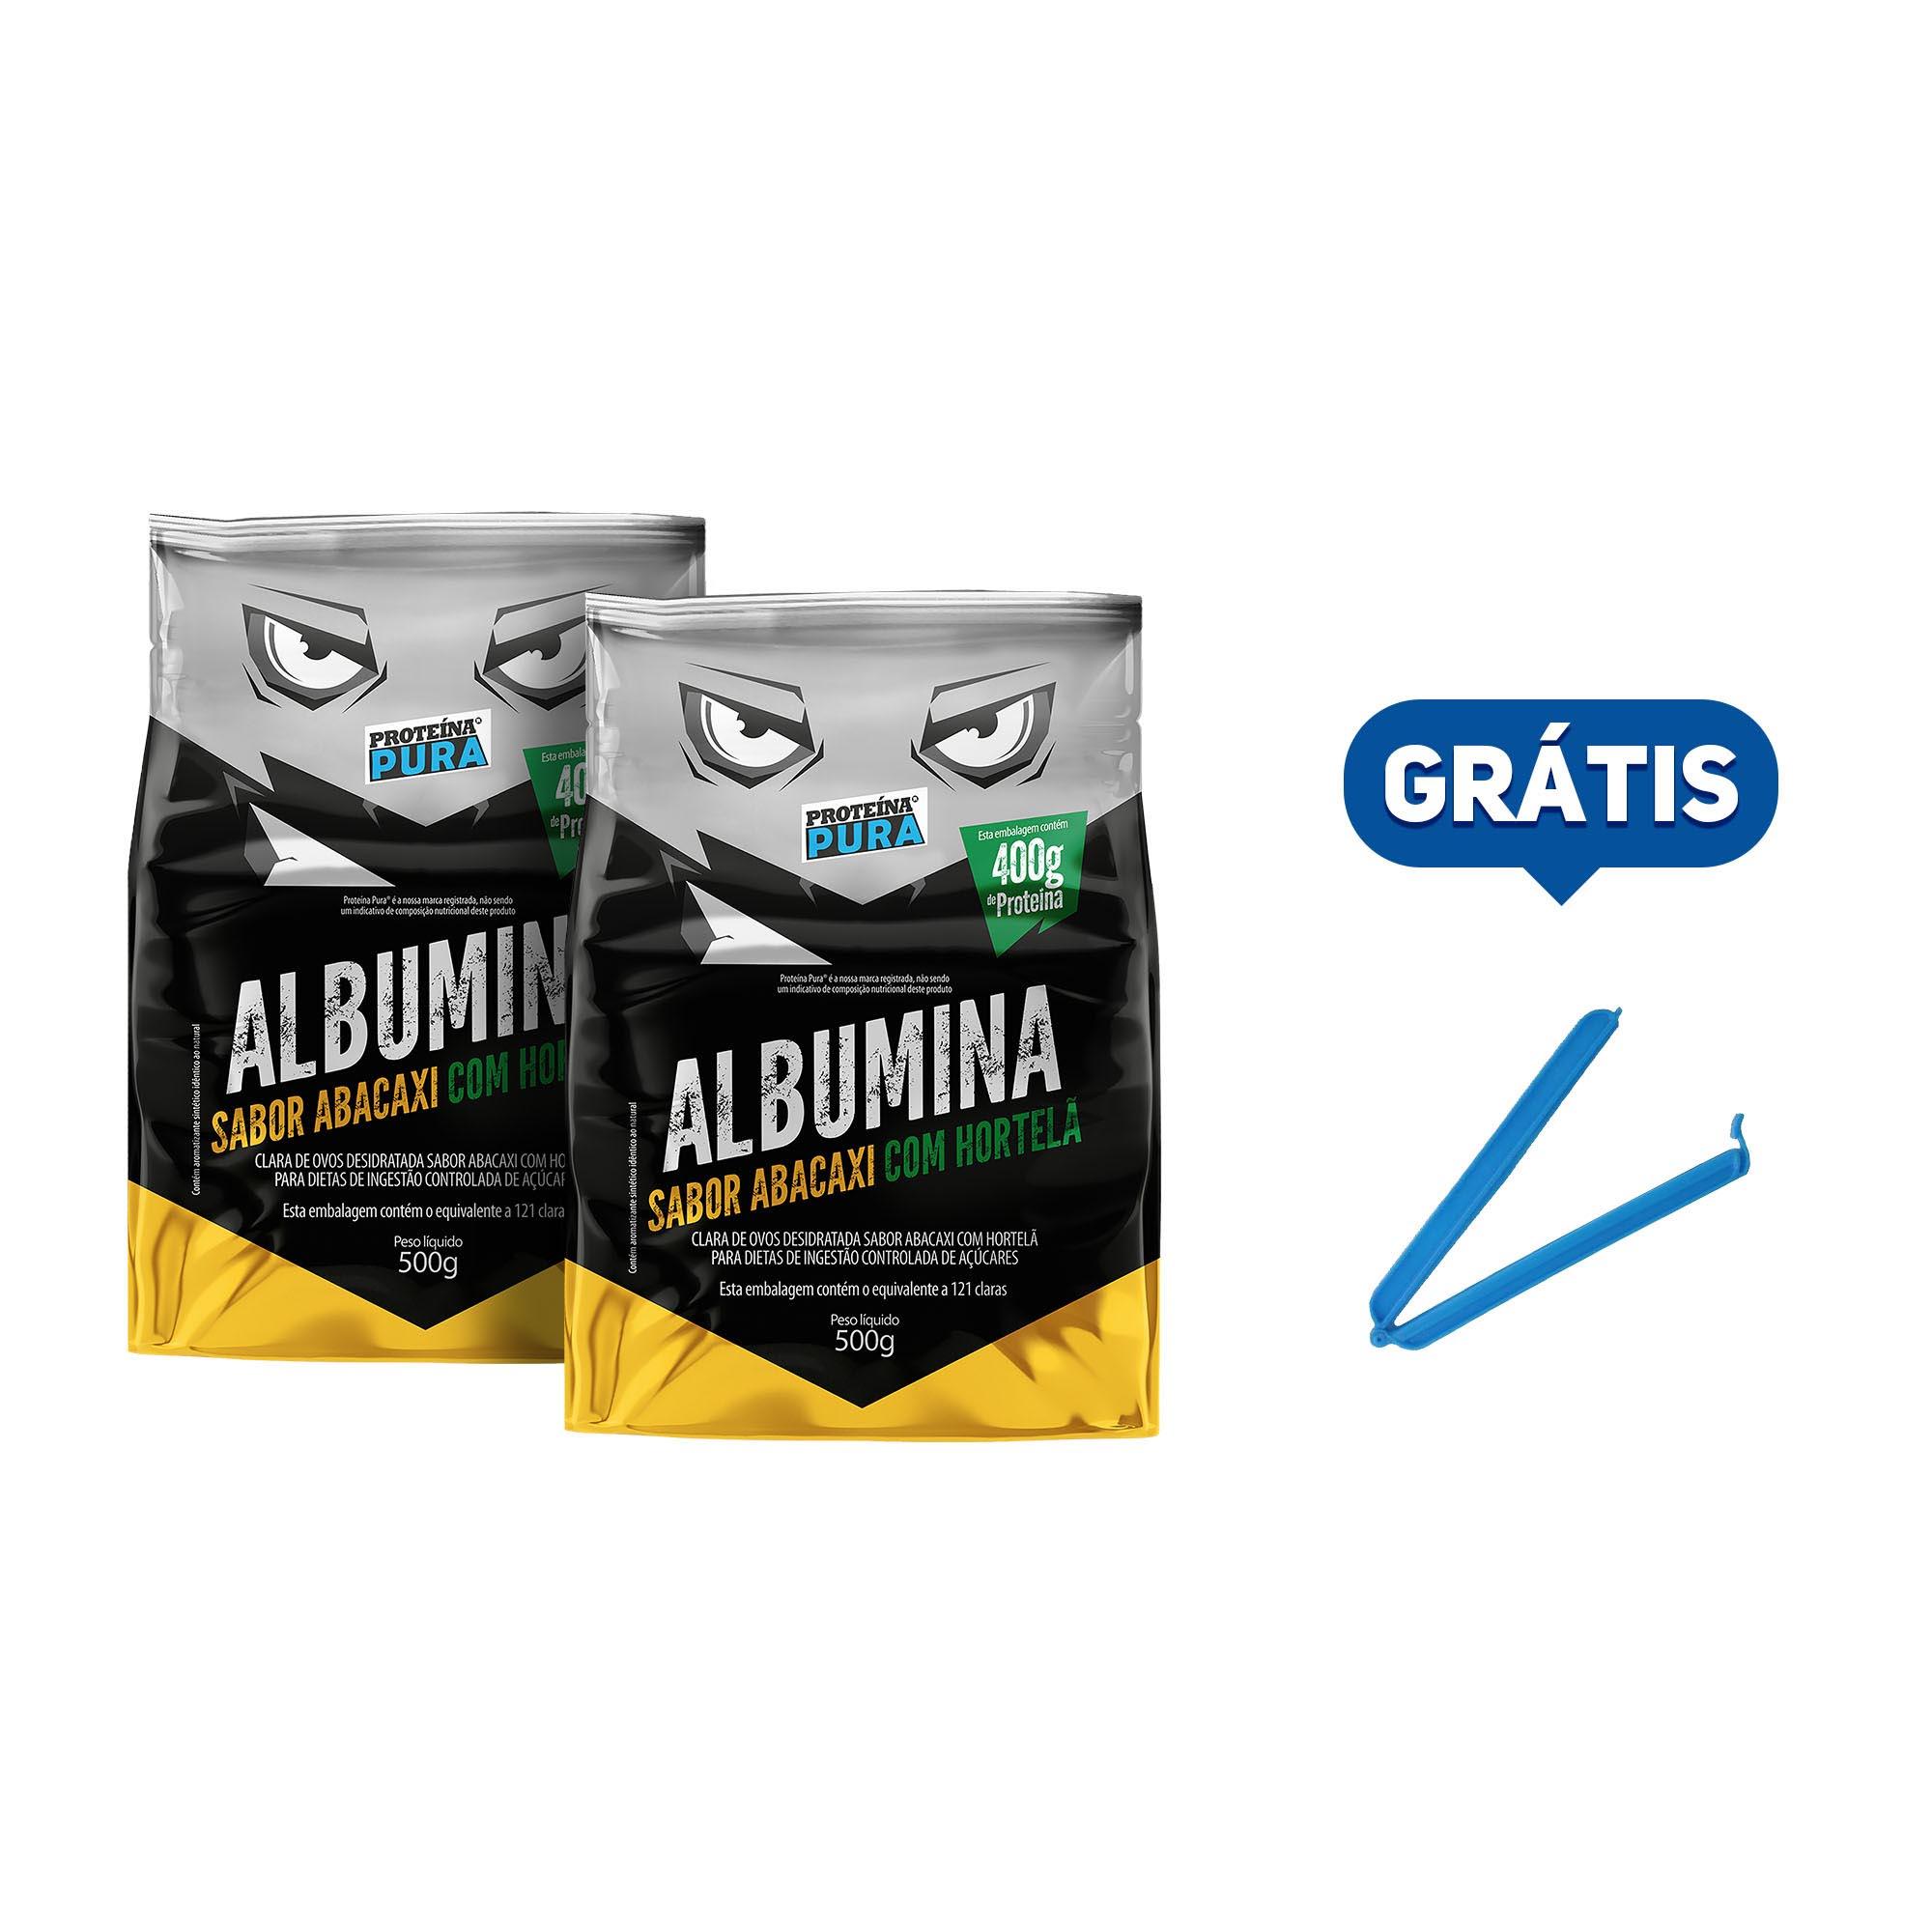 Kit Albumina Abacaxi com Hortelã - (2 un x 500g) - Proteína Pura